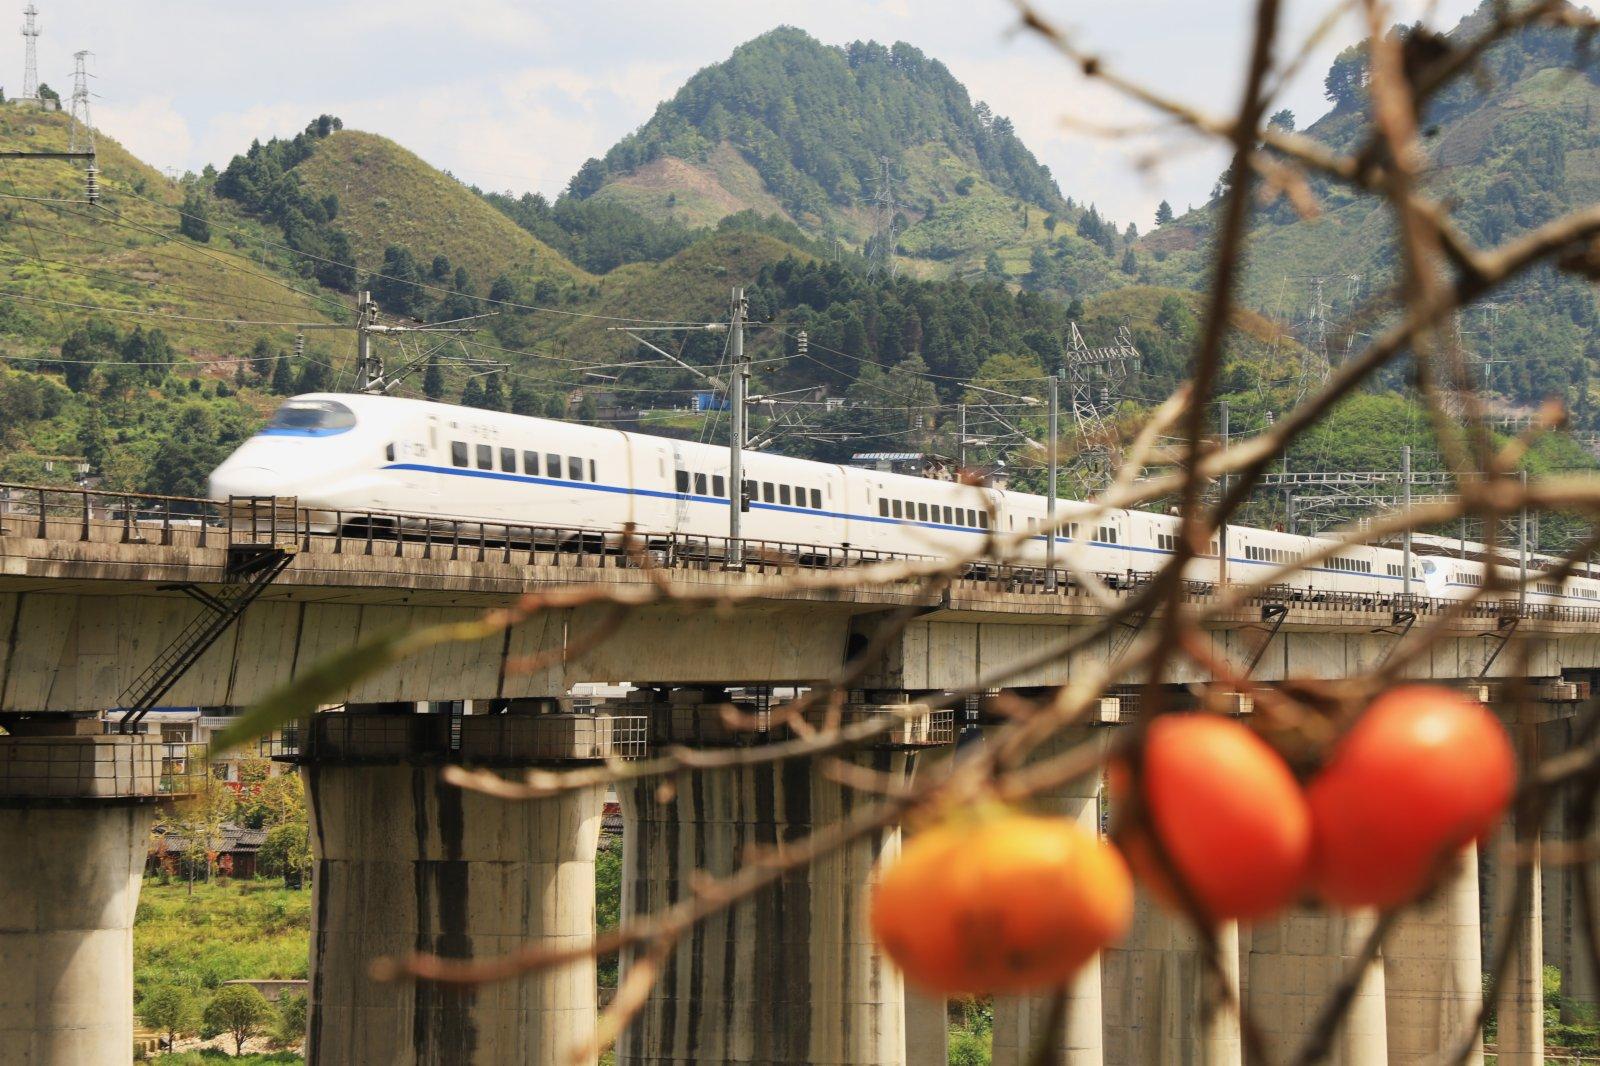 9月22日,動車在貴廣高鐵貴州省三都縣普安鎮段附近行駛,與成熟的柿子相映成景。(新華社)